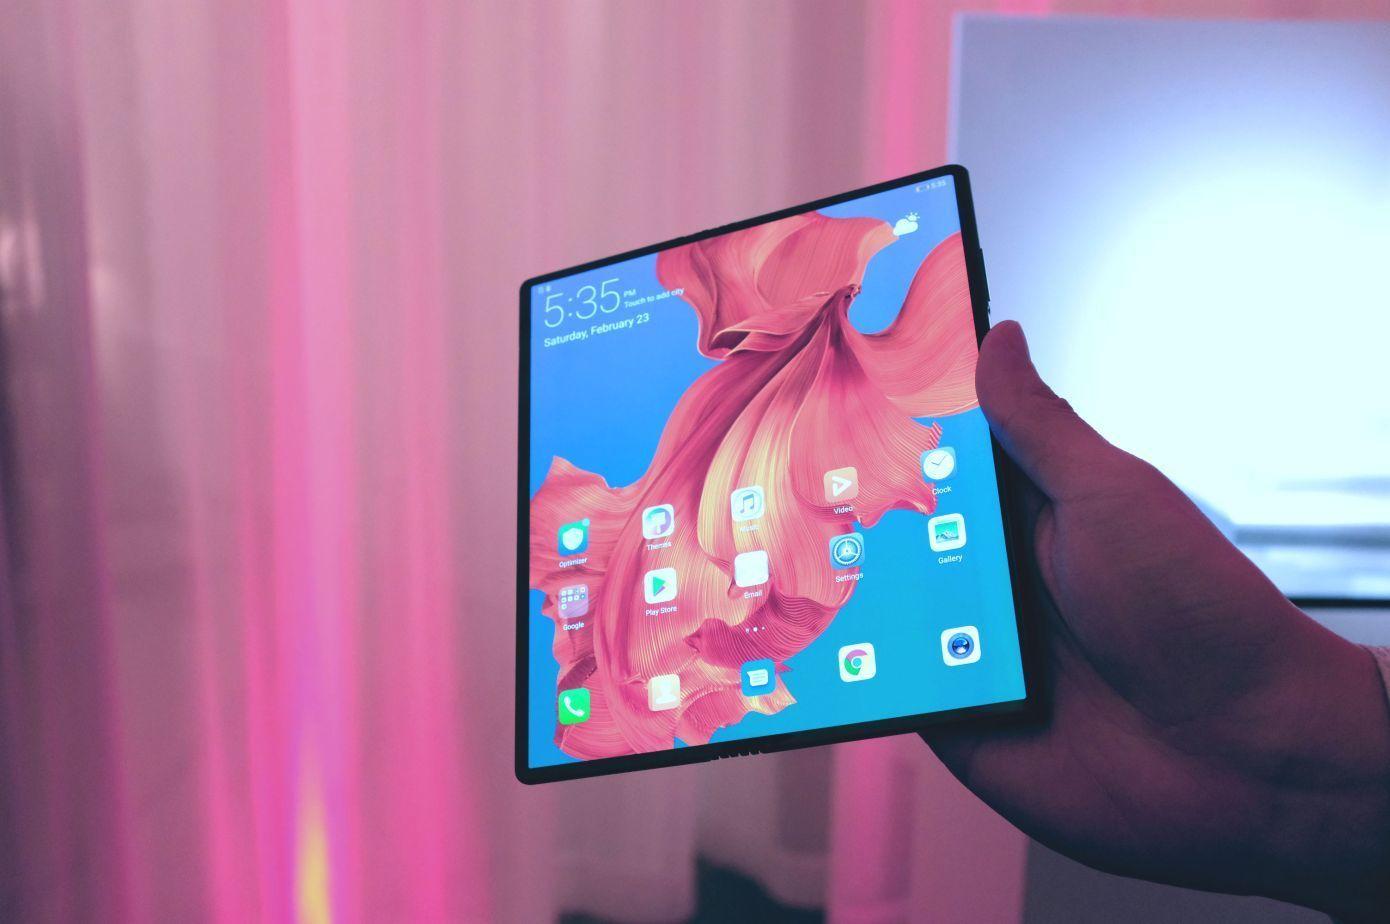 MWC 2019 开幕,5G 和可折叠手机来了|早 8 点档